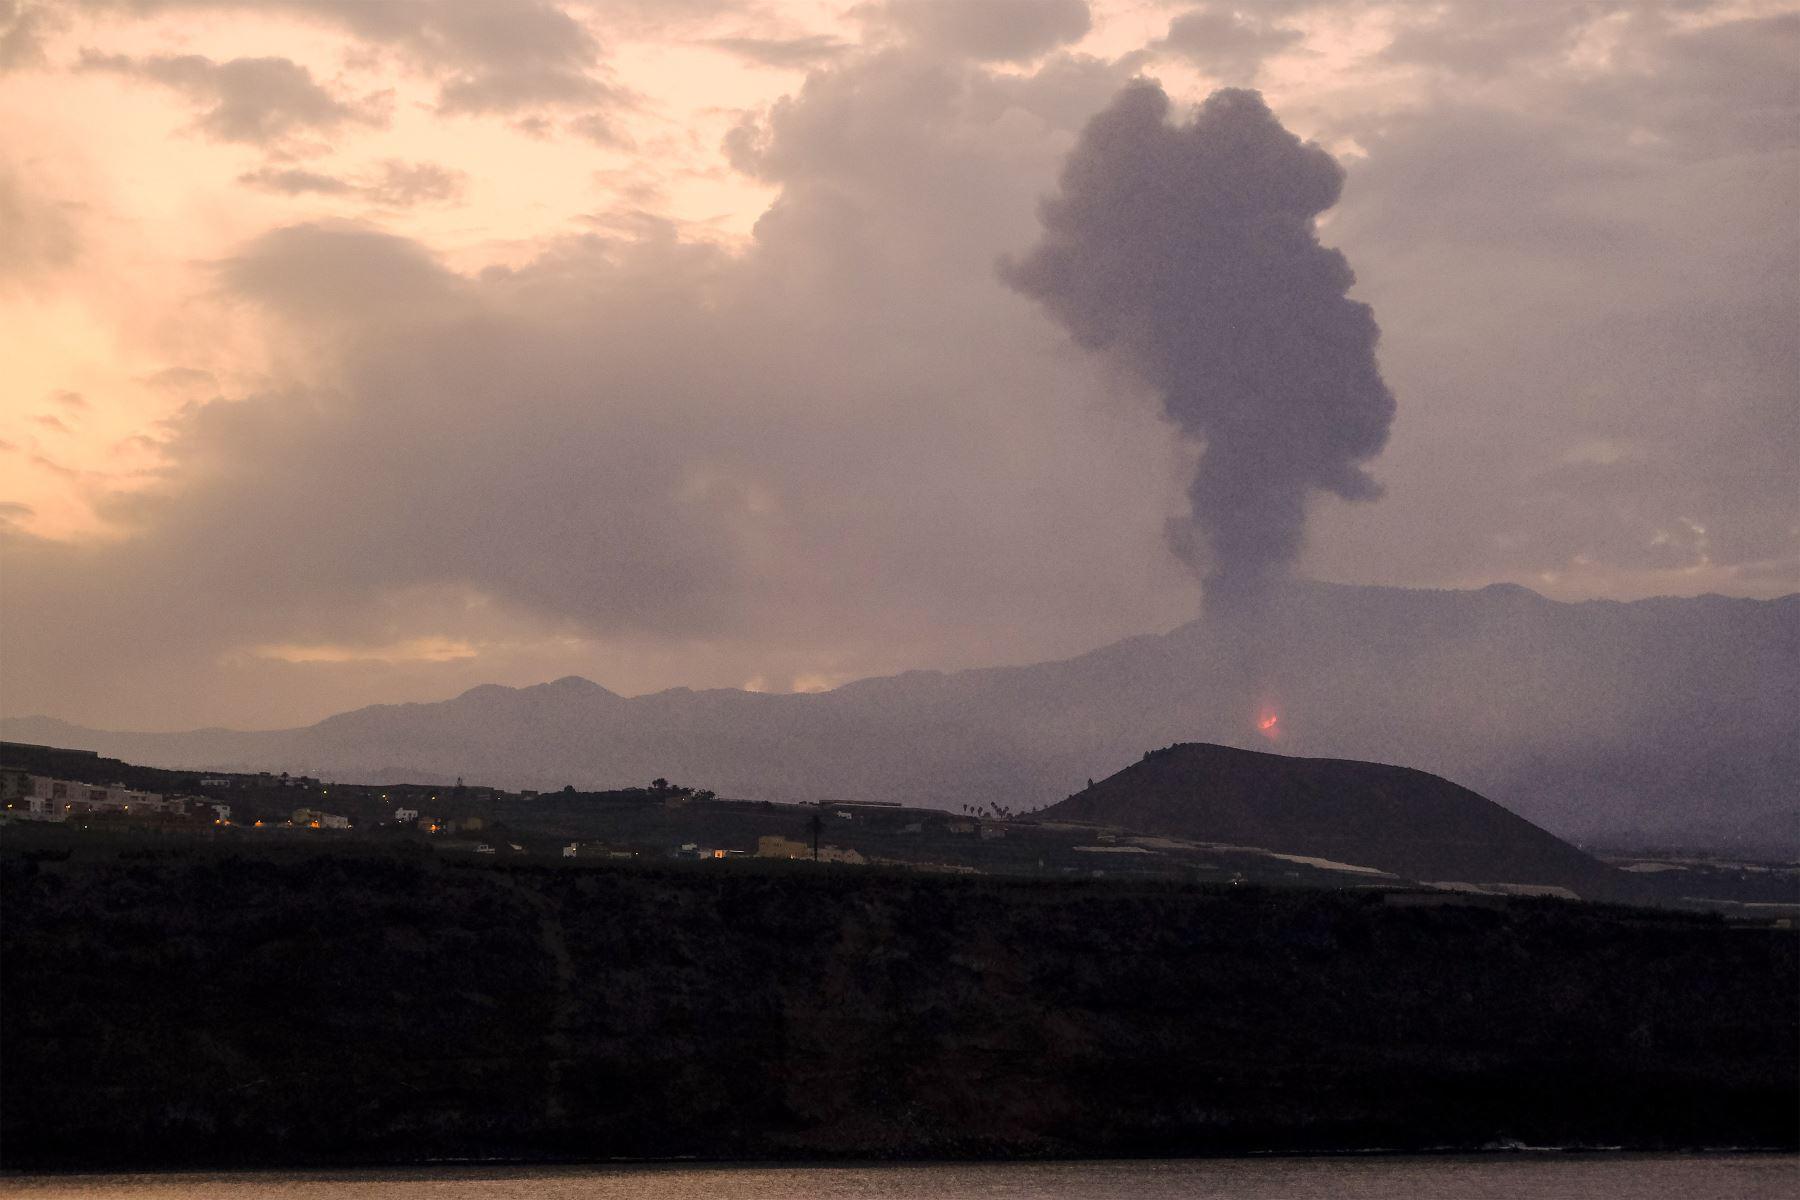 Comienza el octavo día de la erupción volcánica en La Palma, a la espera de que en las próximas horas la colada volcánica llega al mar. Foto: EFE